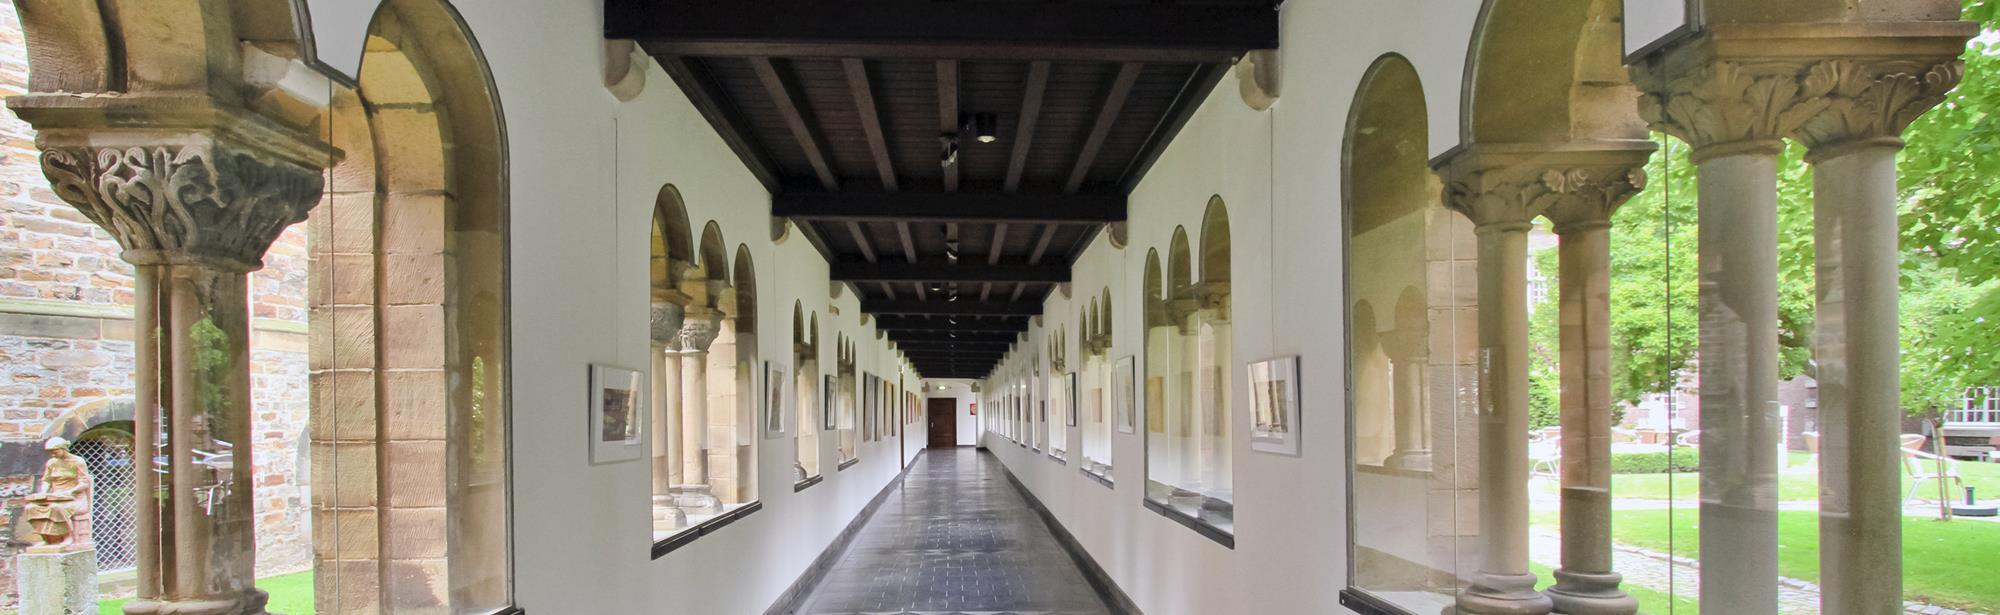 Historische rondleiding abdij Rolduc